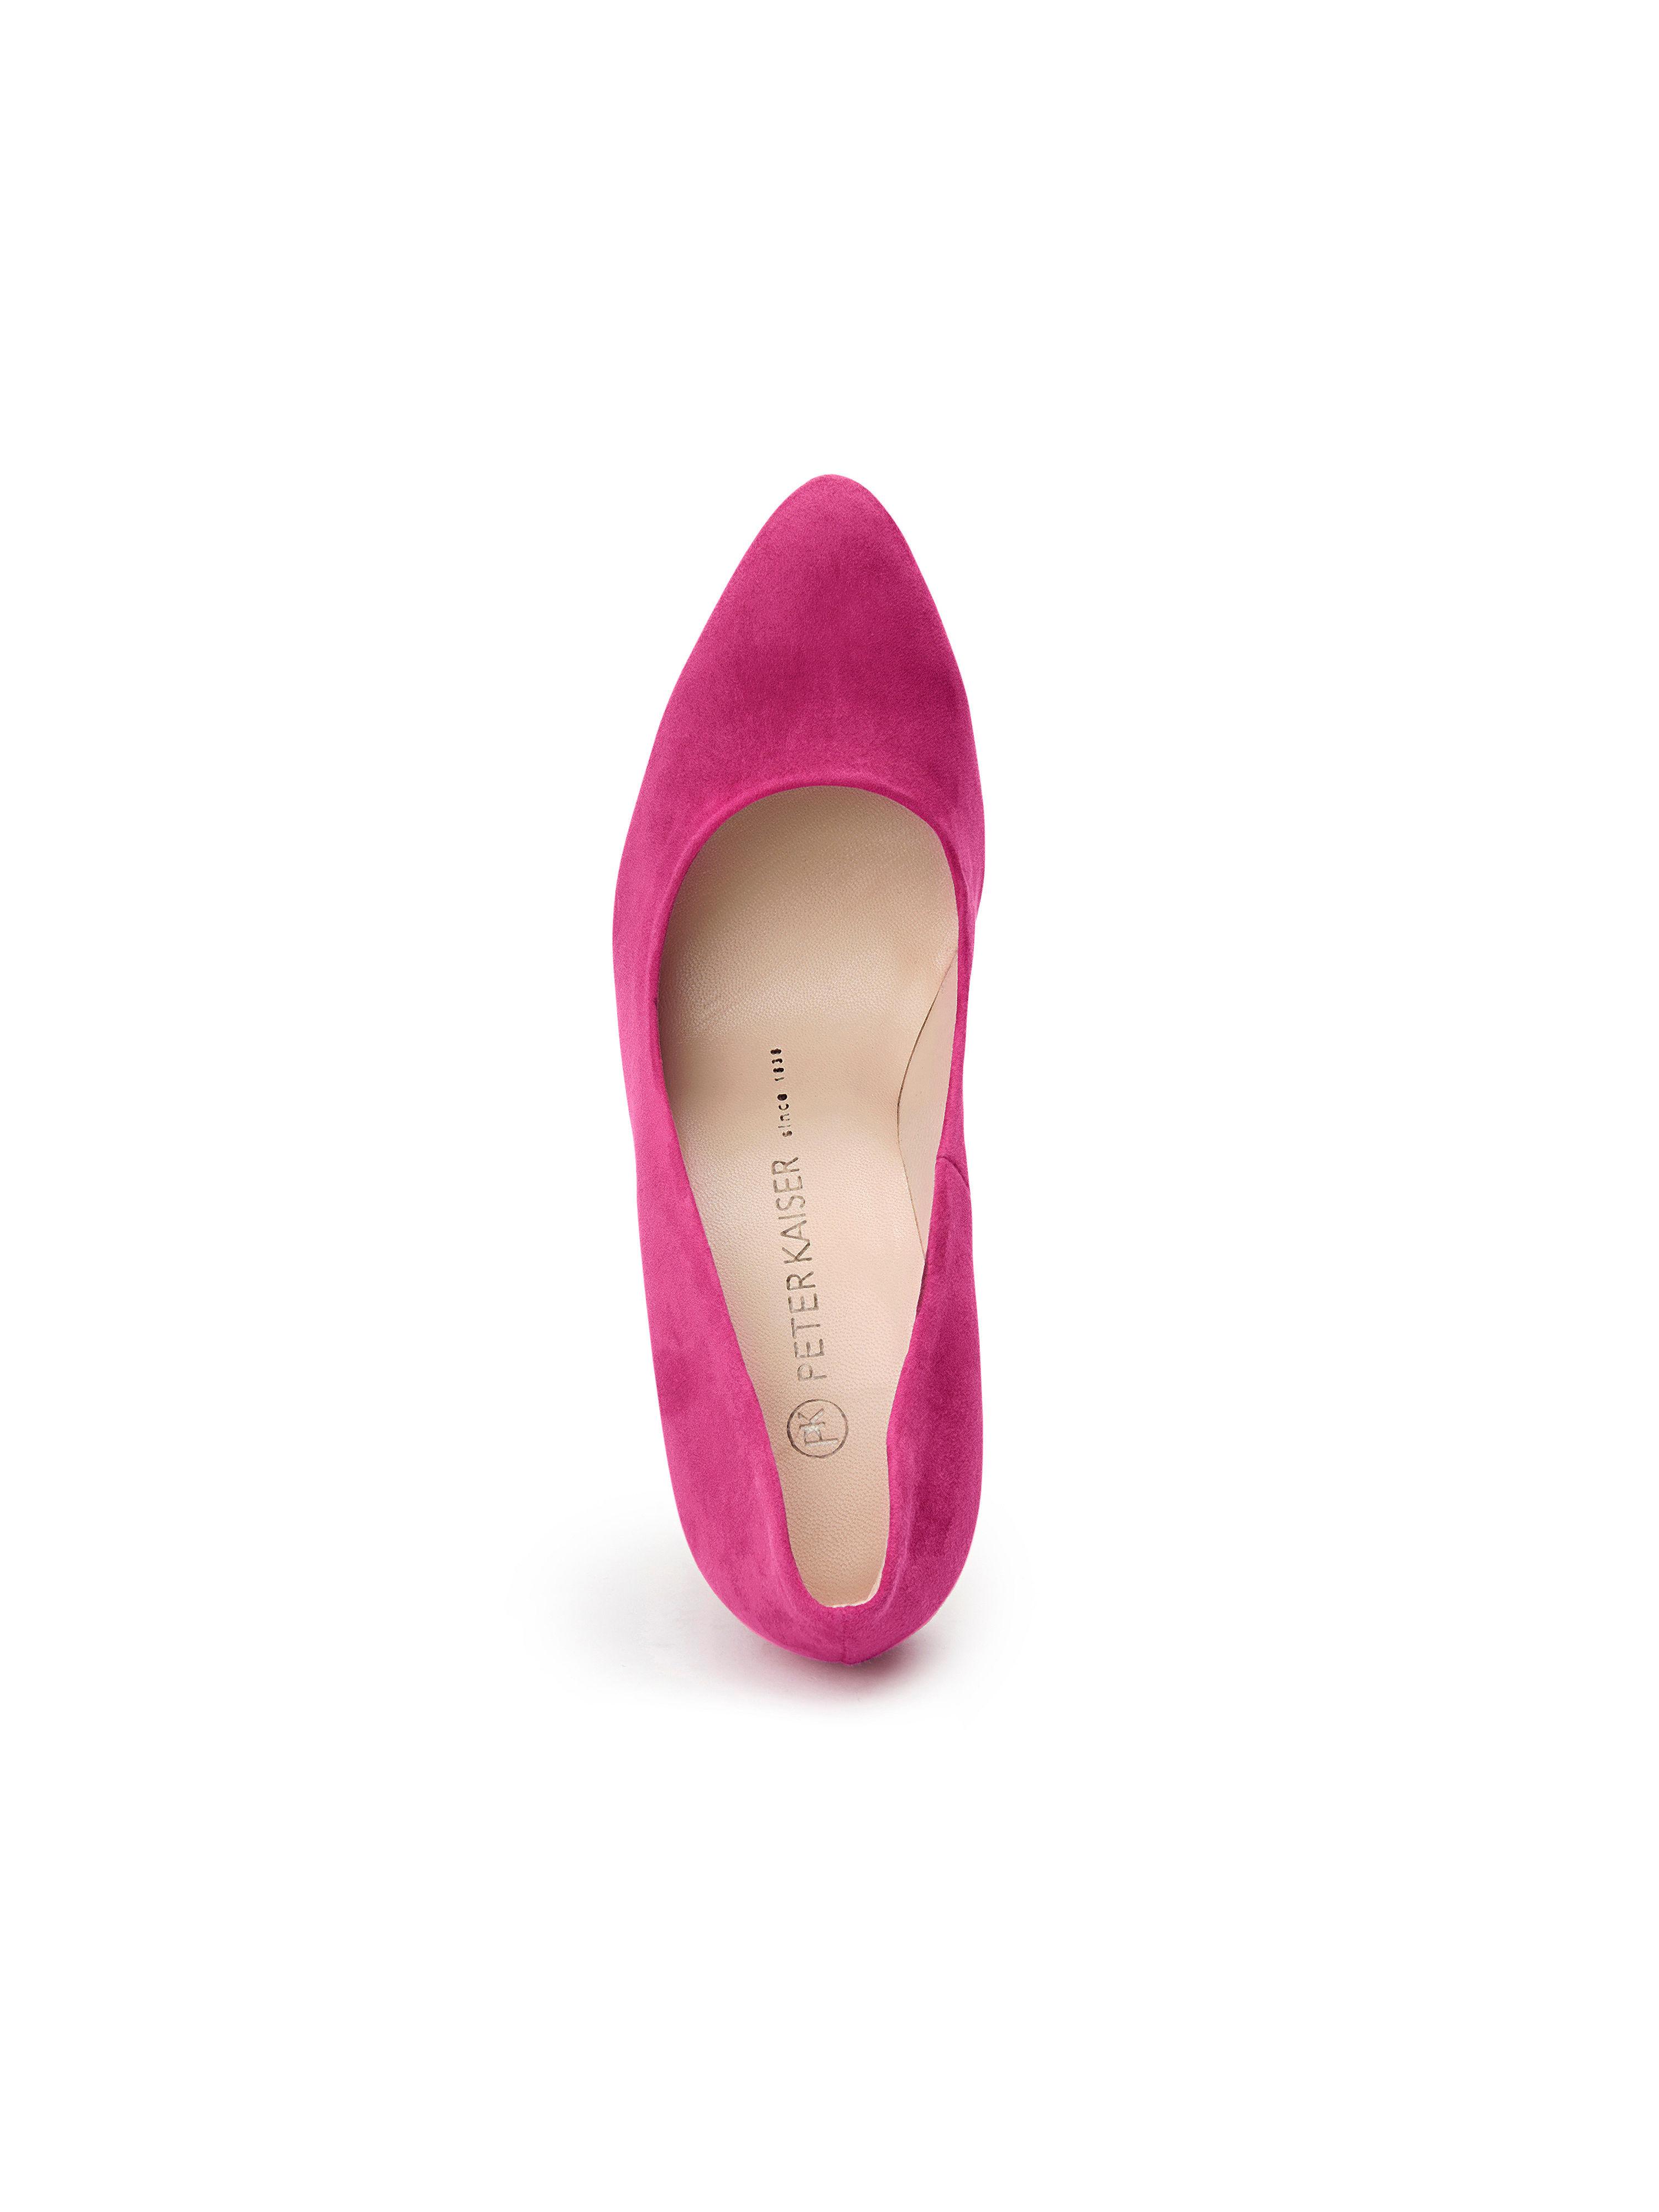 Peter Kaiser - - Pumps aus 100% Leder - - Pink Gute Qualität beliebte Schuhe 7e8be3